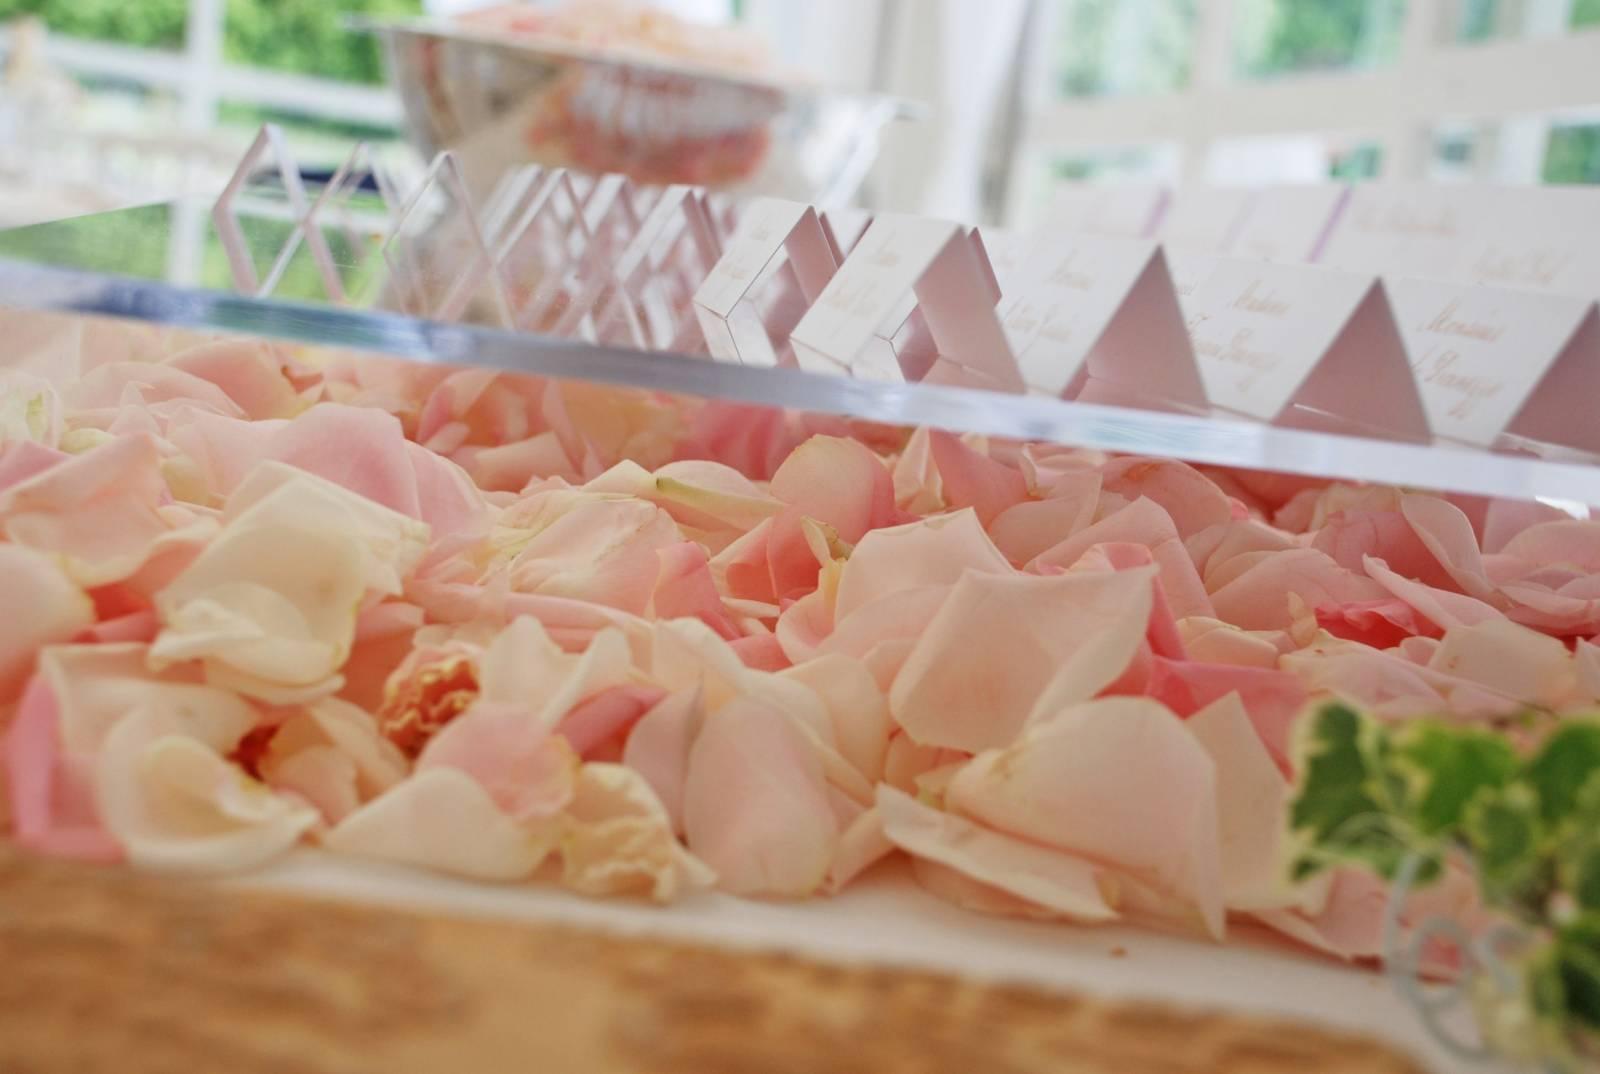 Floral Artists - Bloemen huwelijk trouw bruiloft - Bruidsboeket - Bloemendecoratie - House of Weddings - 24